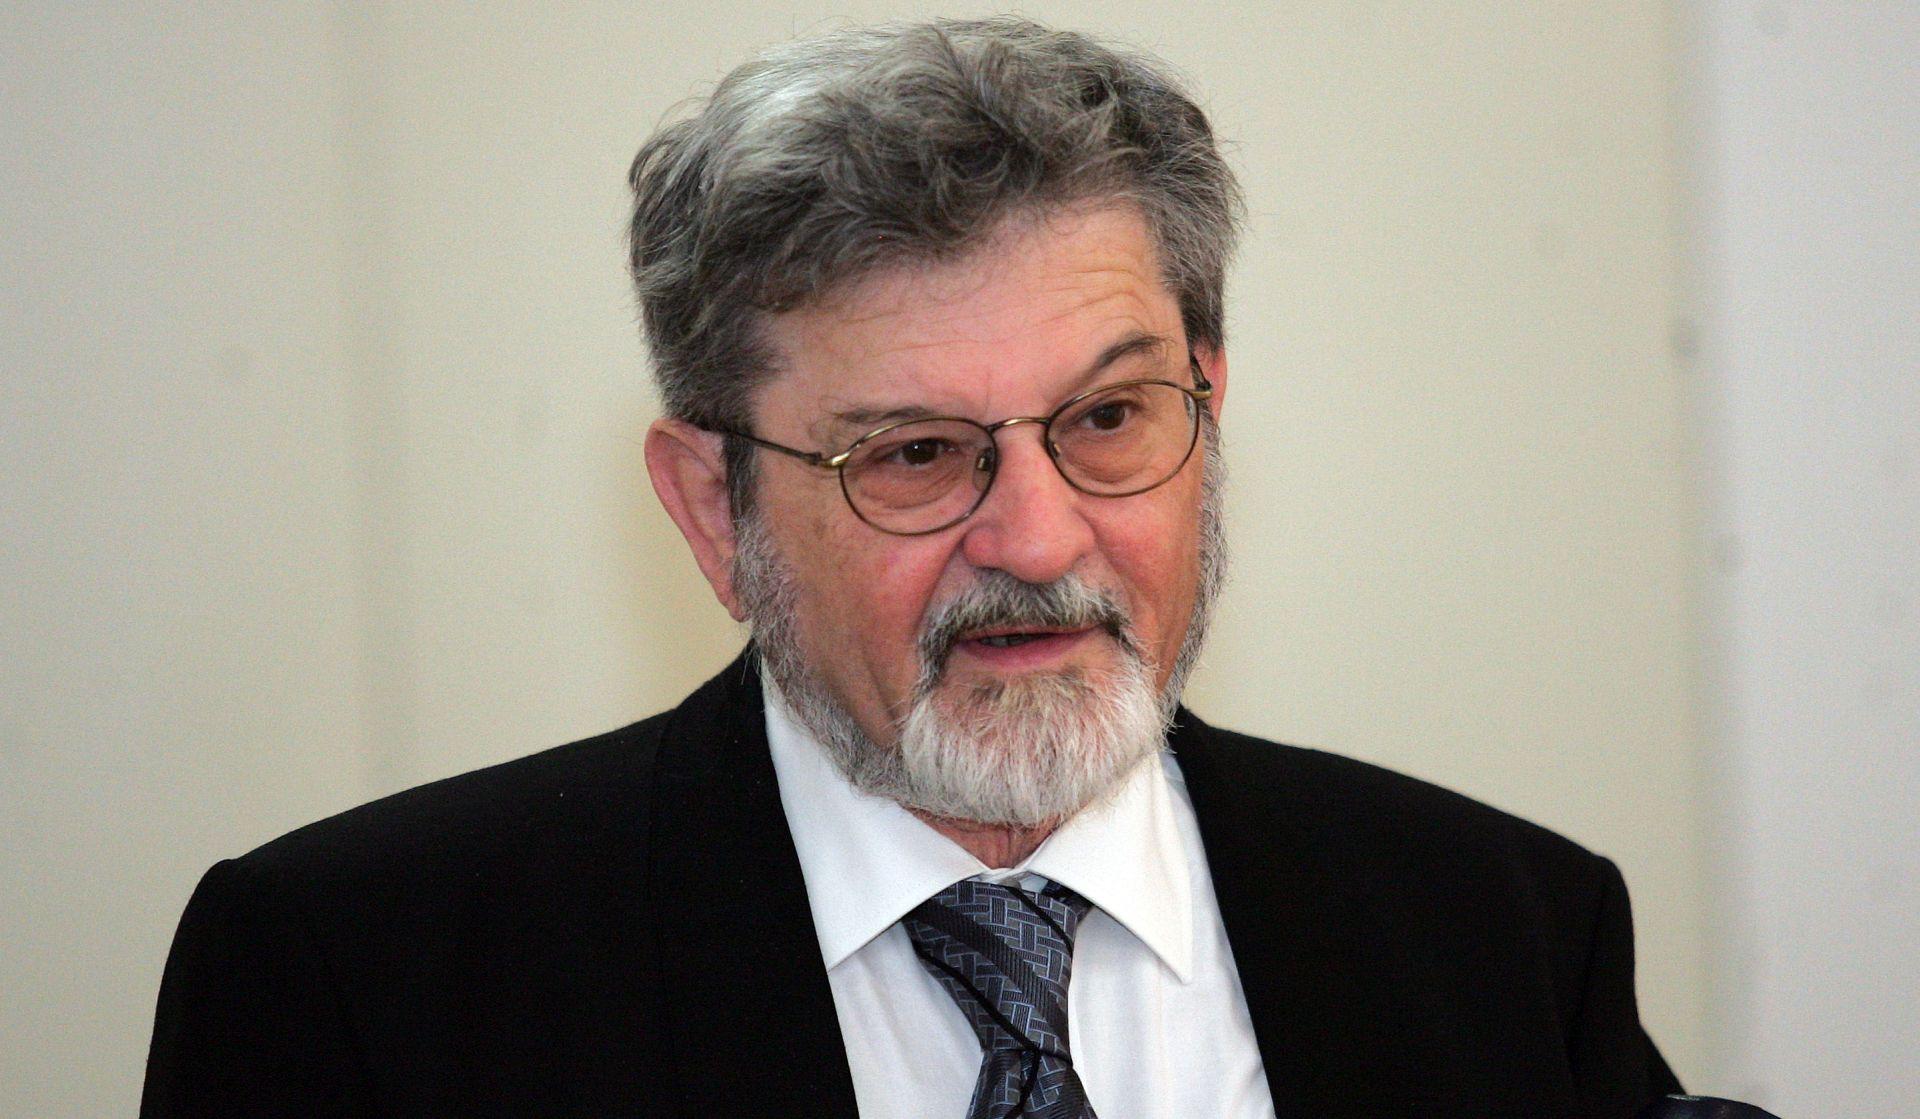 Preminuo dramaturg i književnik dr. Darko Gašparović